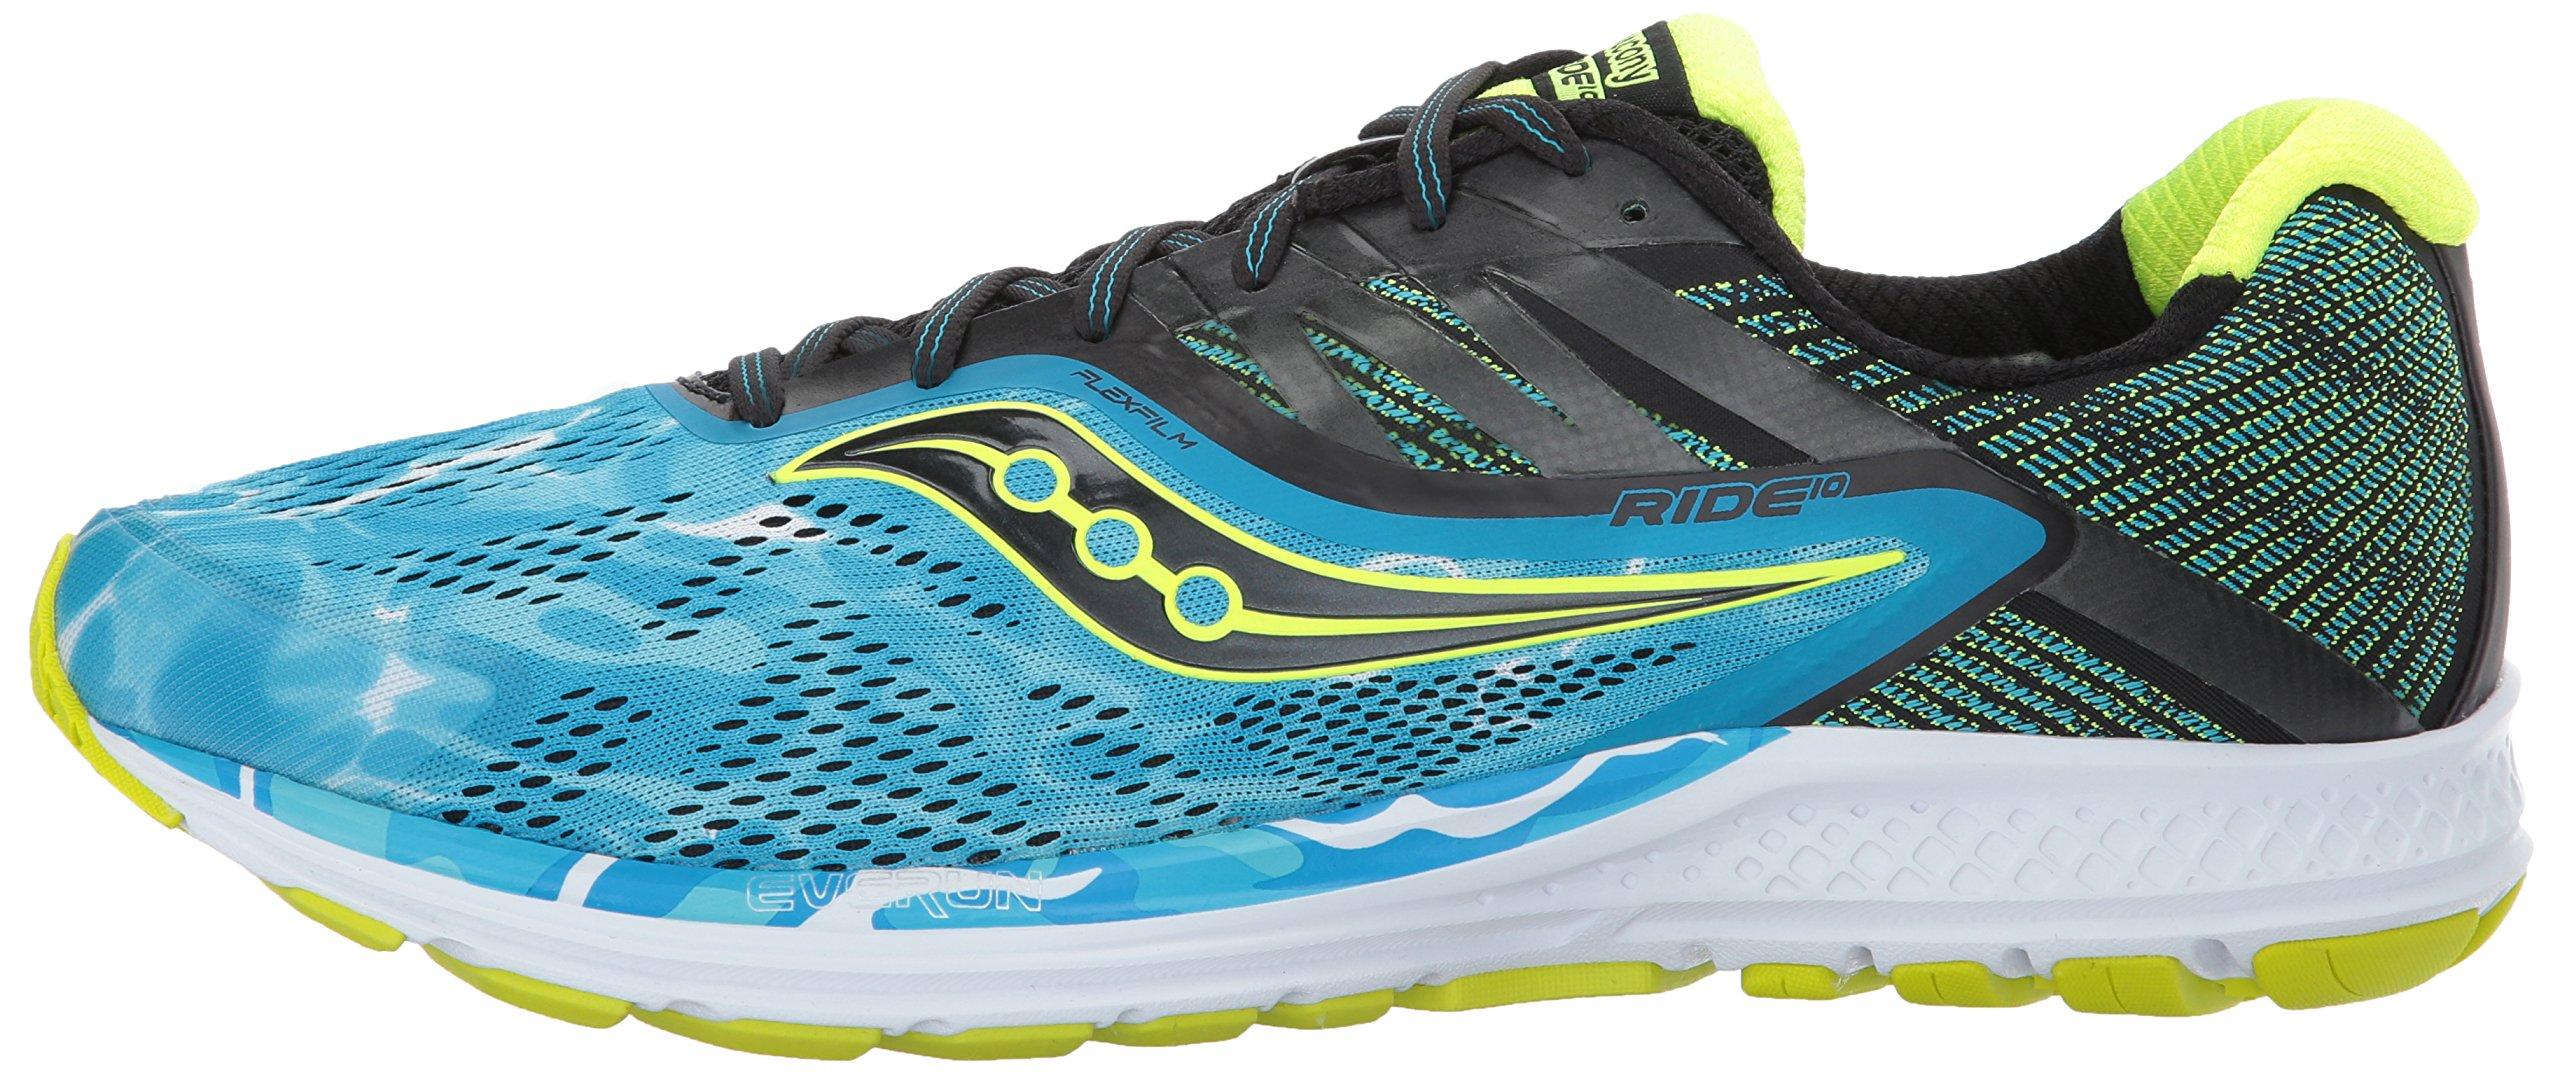 Saucony Ride 10 Men's Running Shoes choose ColorSize